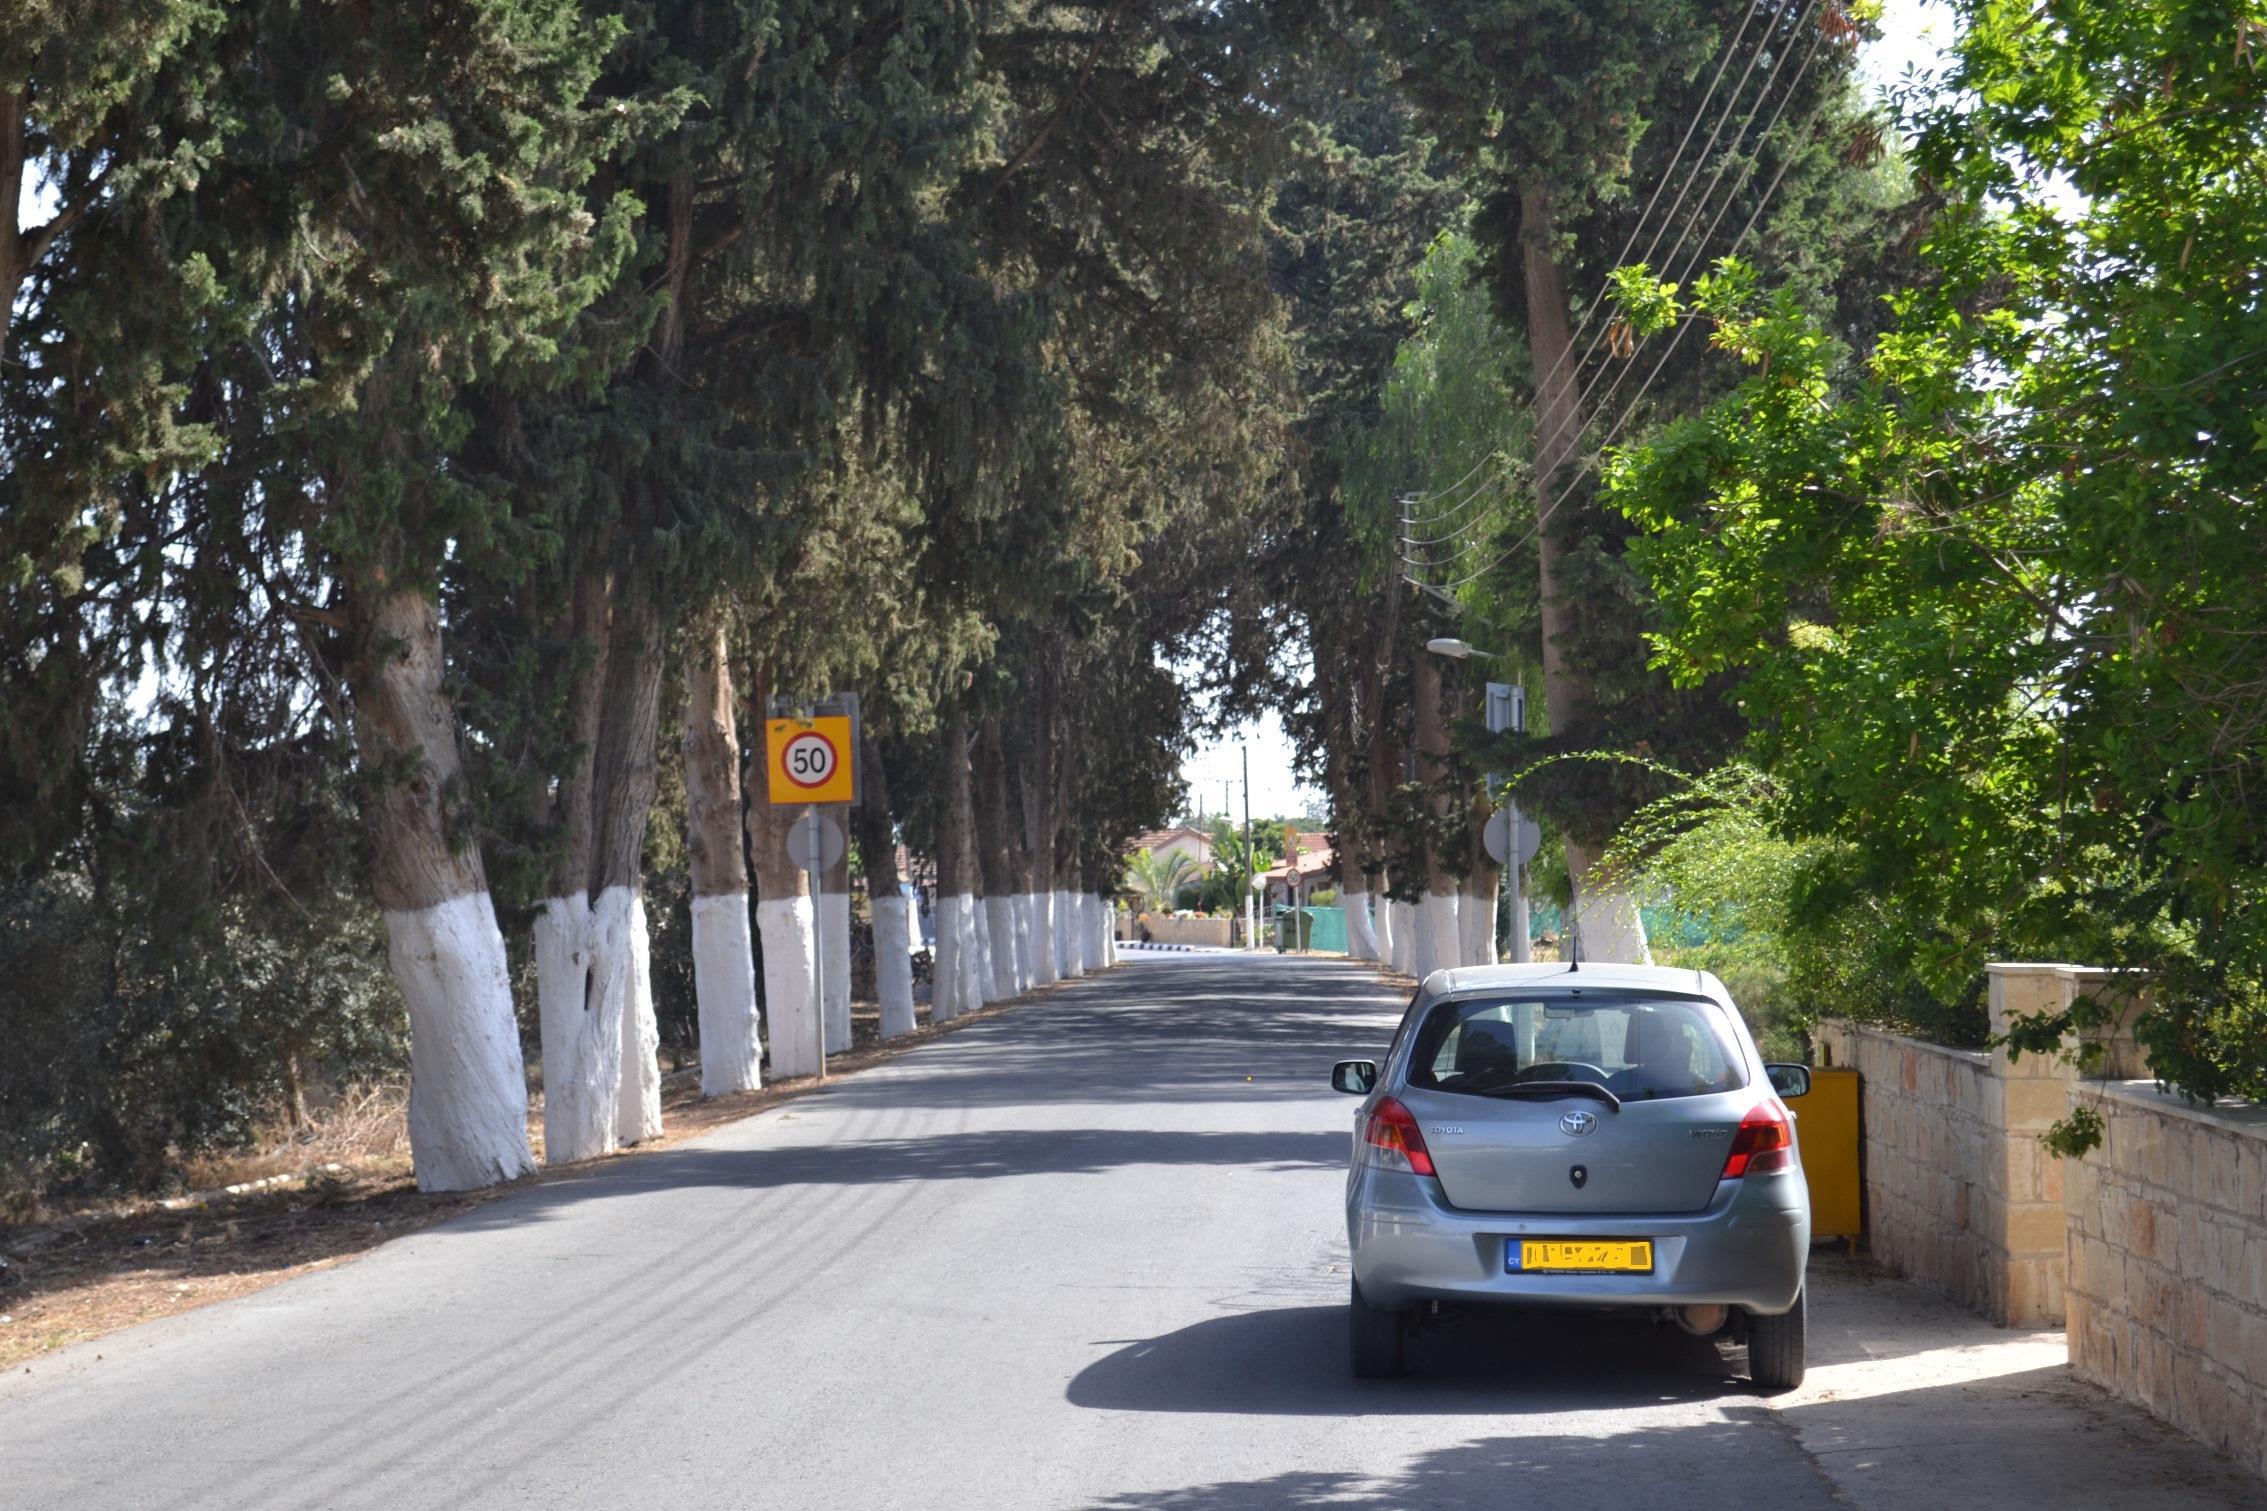 Mandria Vilage in Paphos, Cyprus